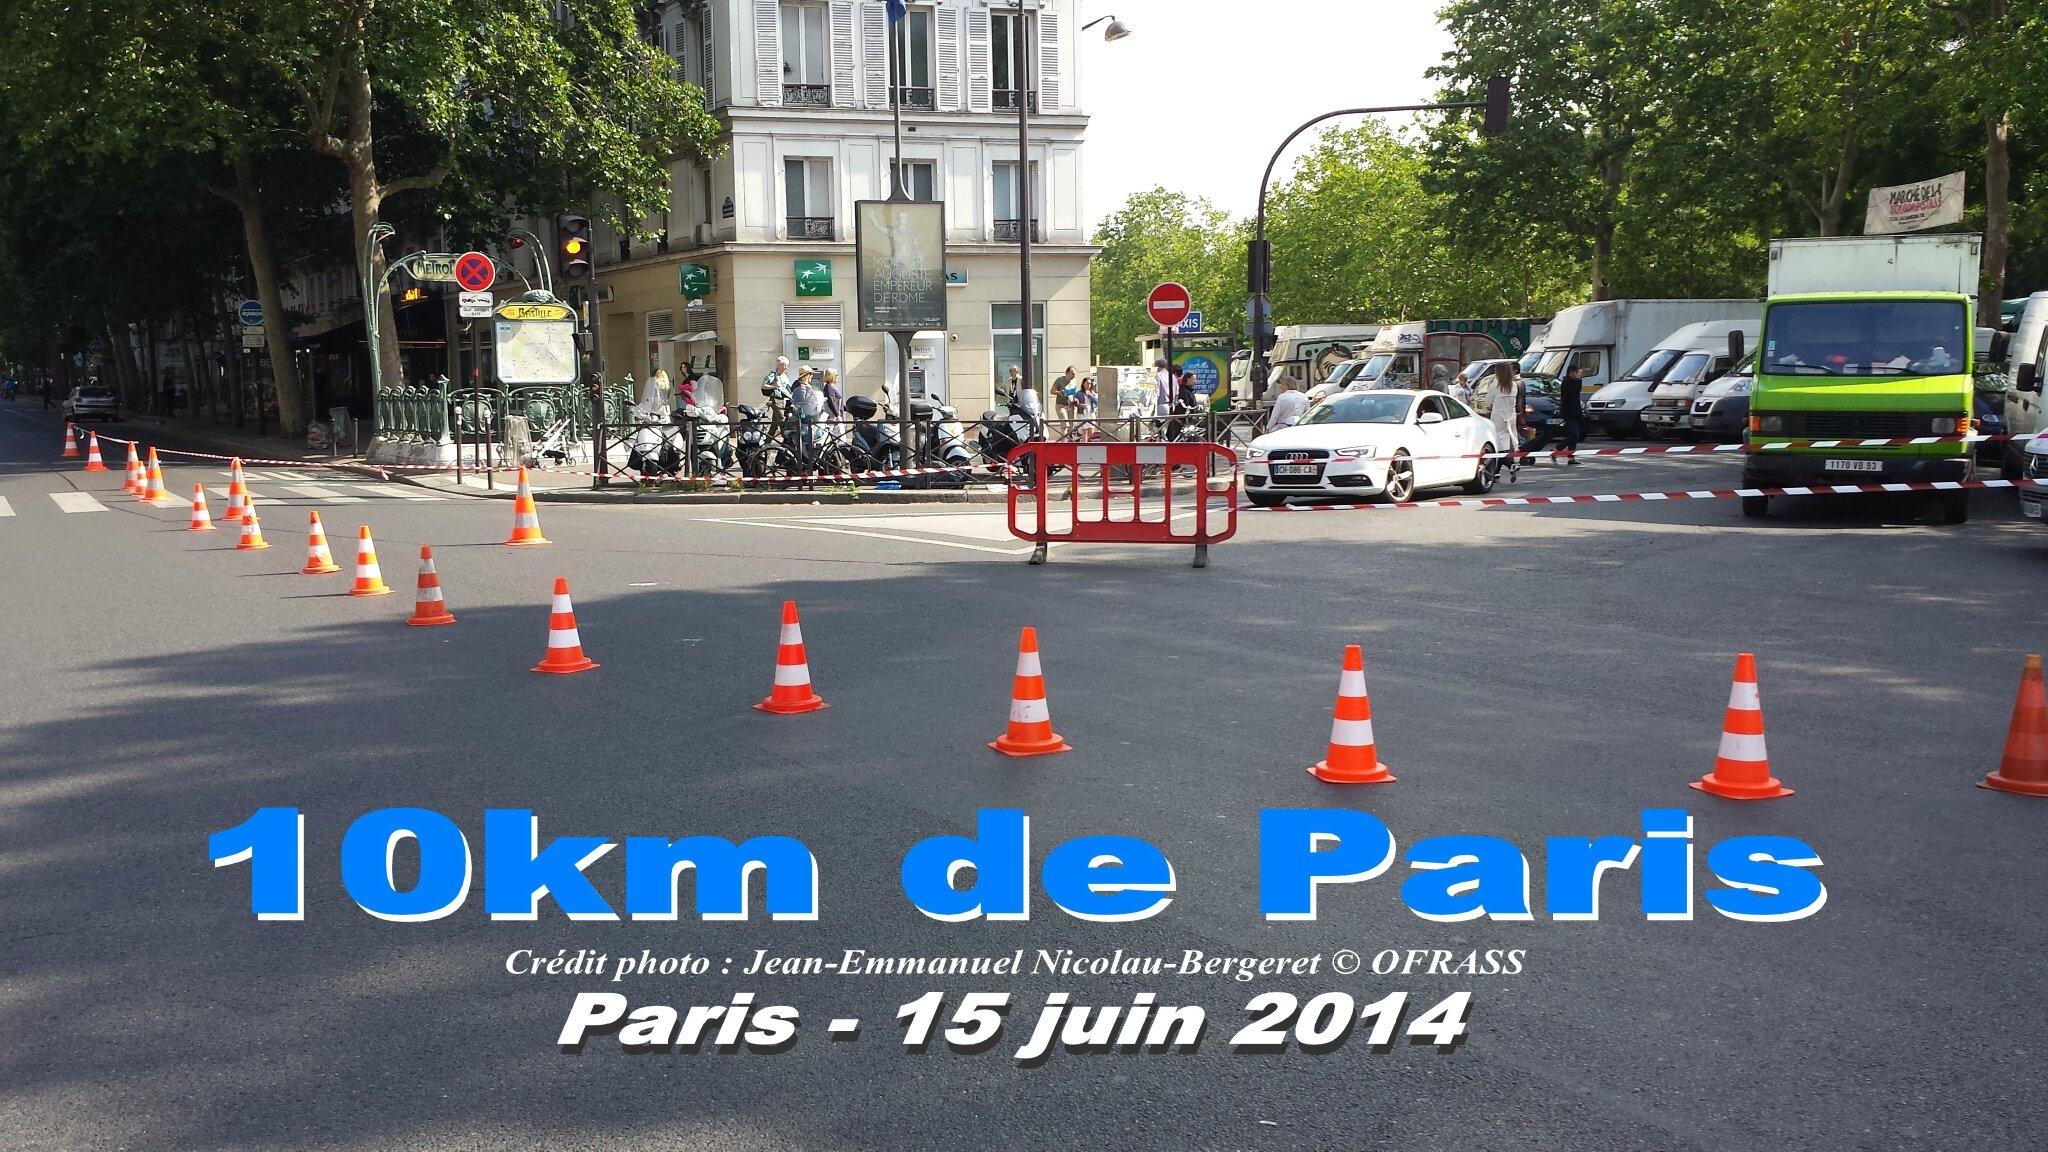 Les signaleurs de l 39 ofrass prot gent les 10km de paris le blog participatif de l 39 ofrass - Cone de lubeck ...